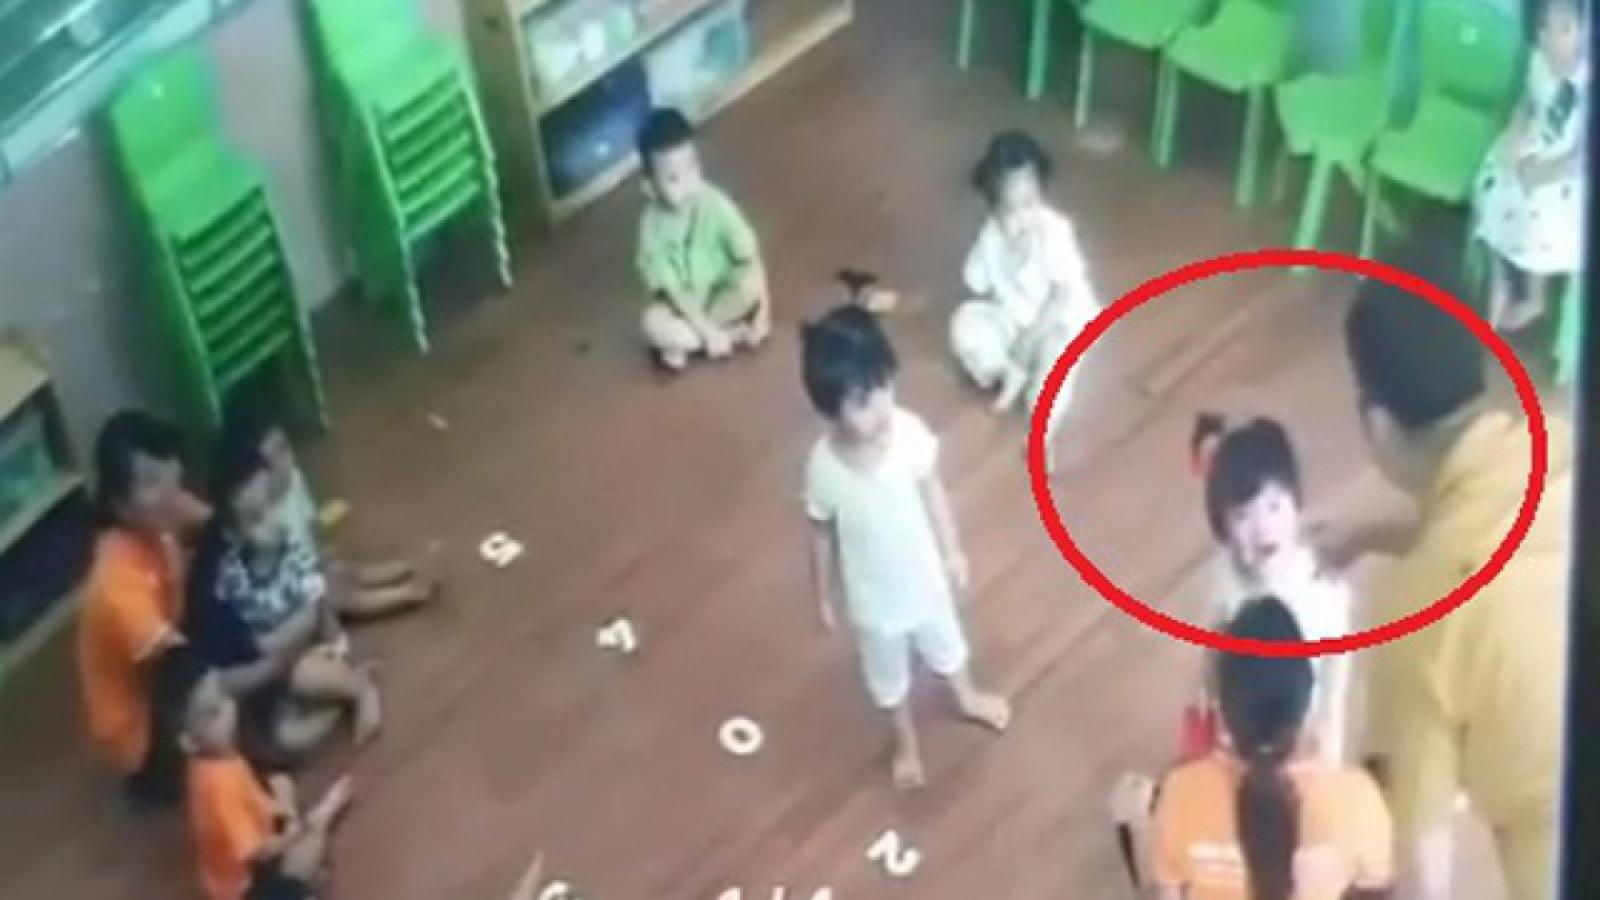 Nóng 24h: Người tát bé gái 2 tuổi ở Lào Cai làm việc với công an